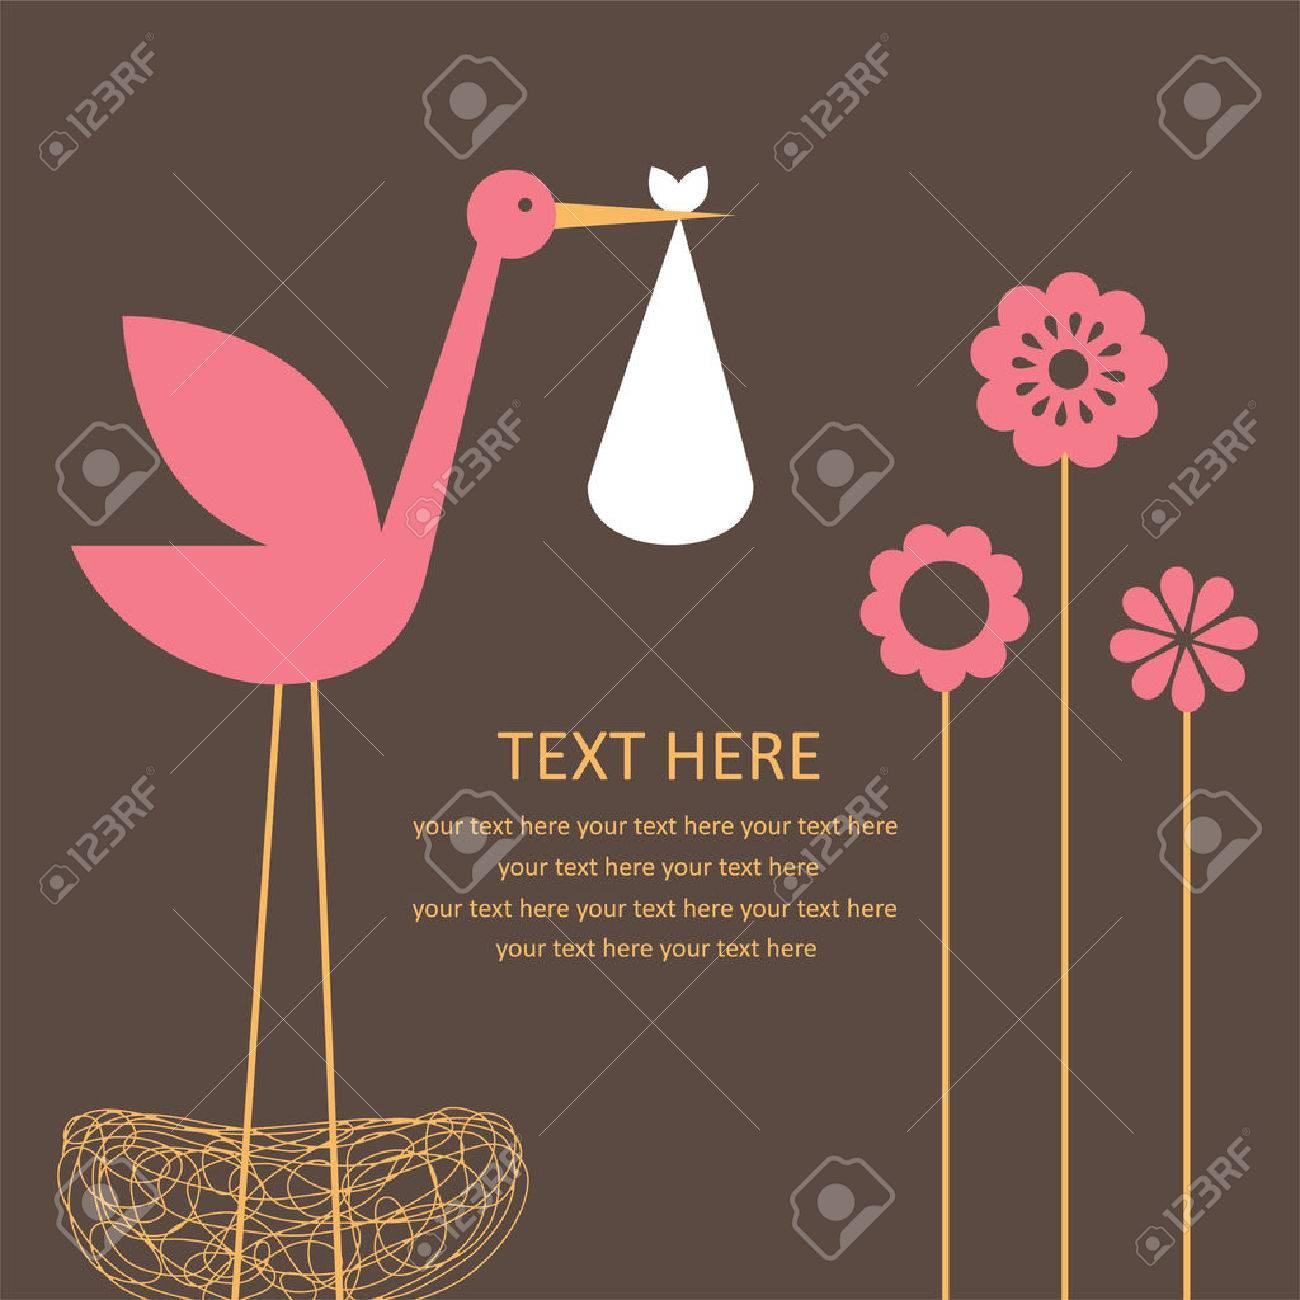 cute baby girl arrival card. - 27838554